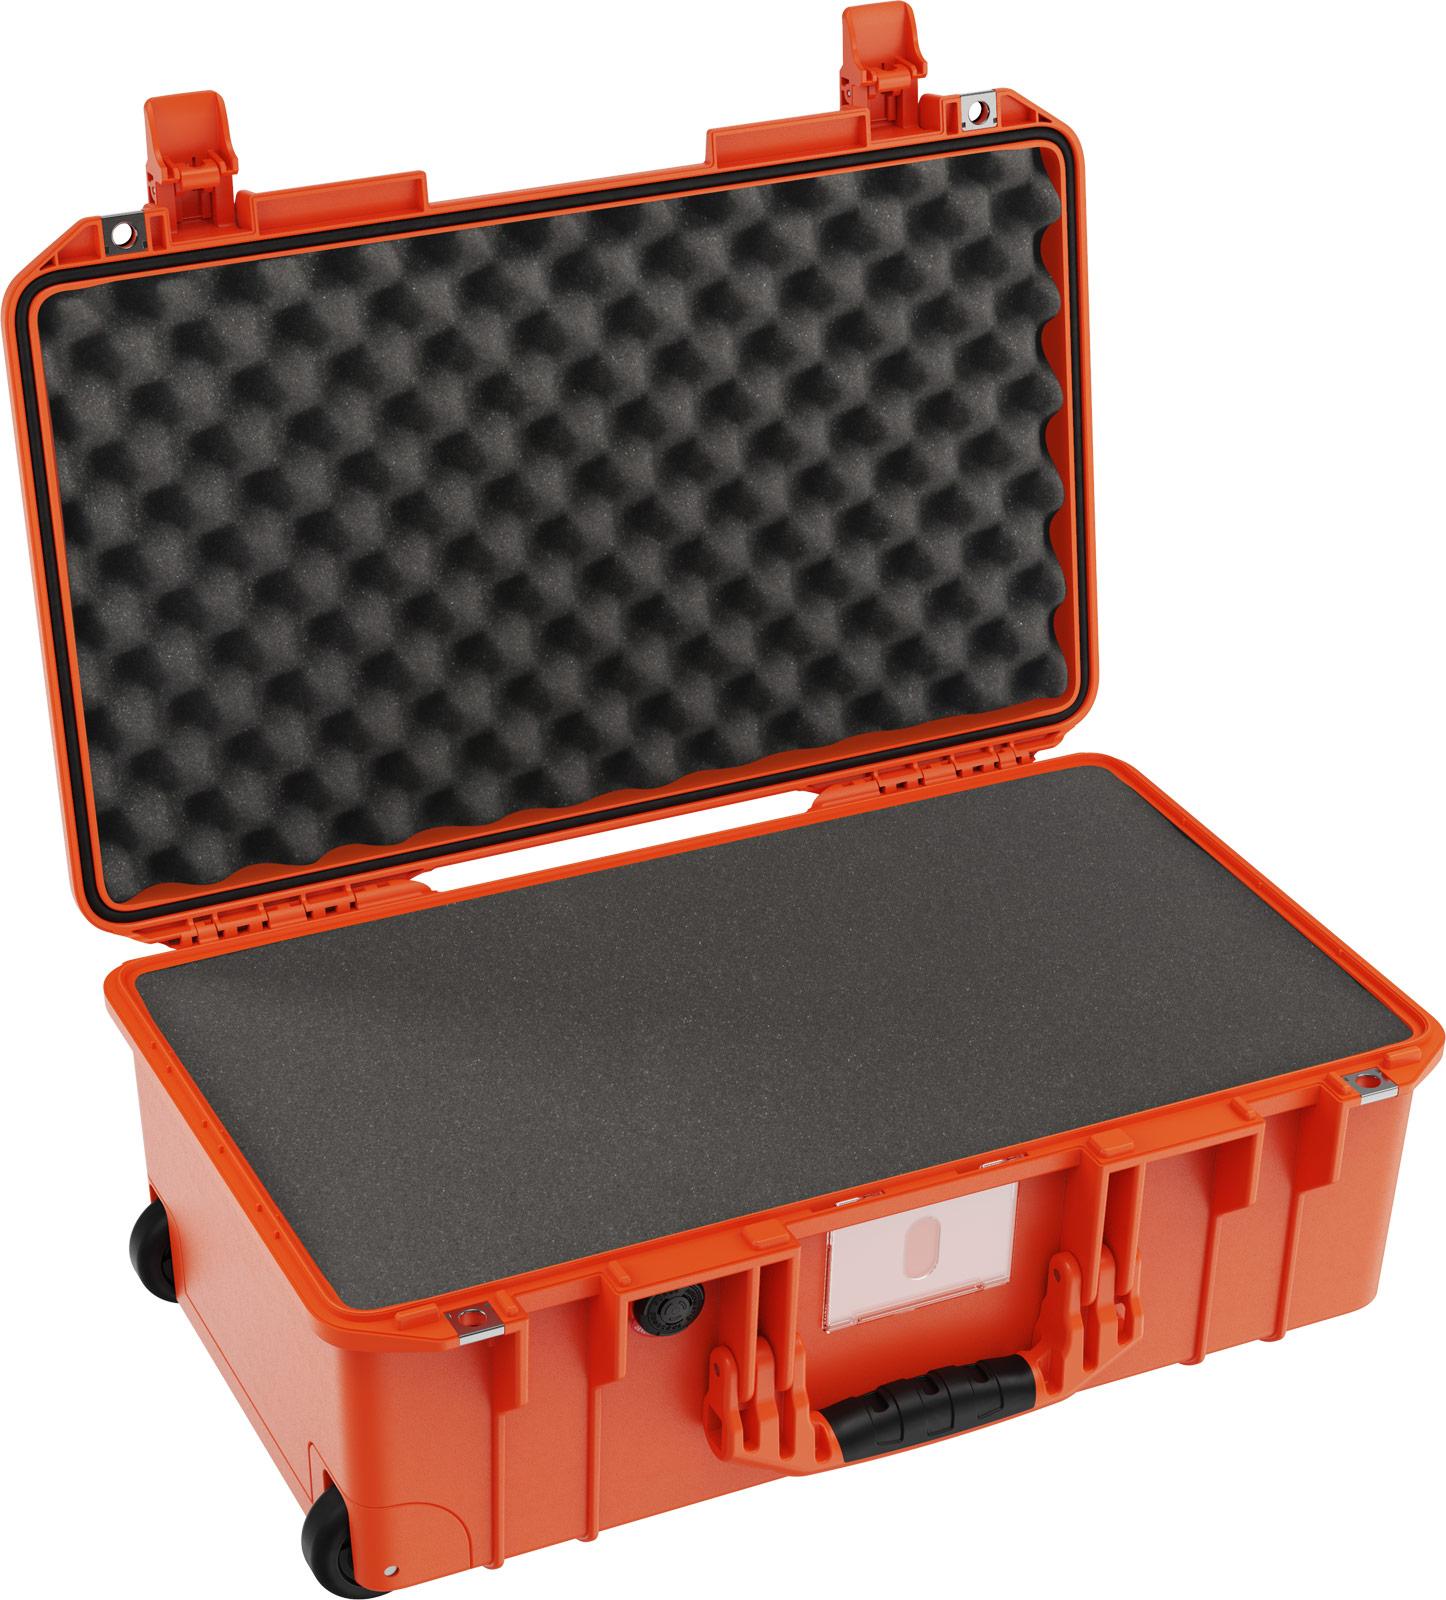 pelican 1535 orange foam carry on case